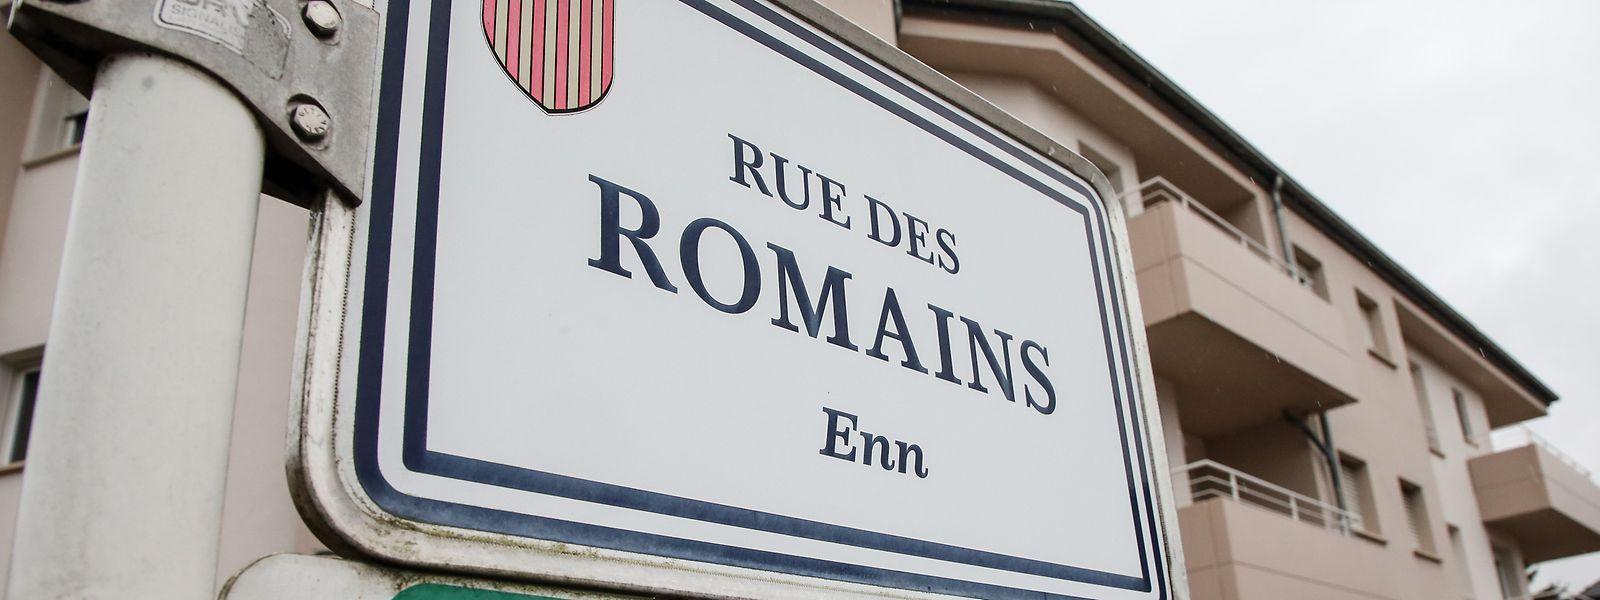 Die Hausdurchsuchung soll laut Medienberichten in Strassen an der Rue des Romains durchgeführt worden sein.